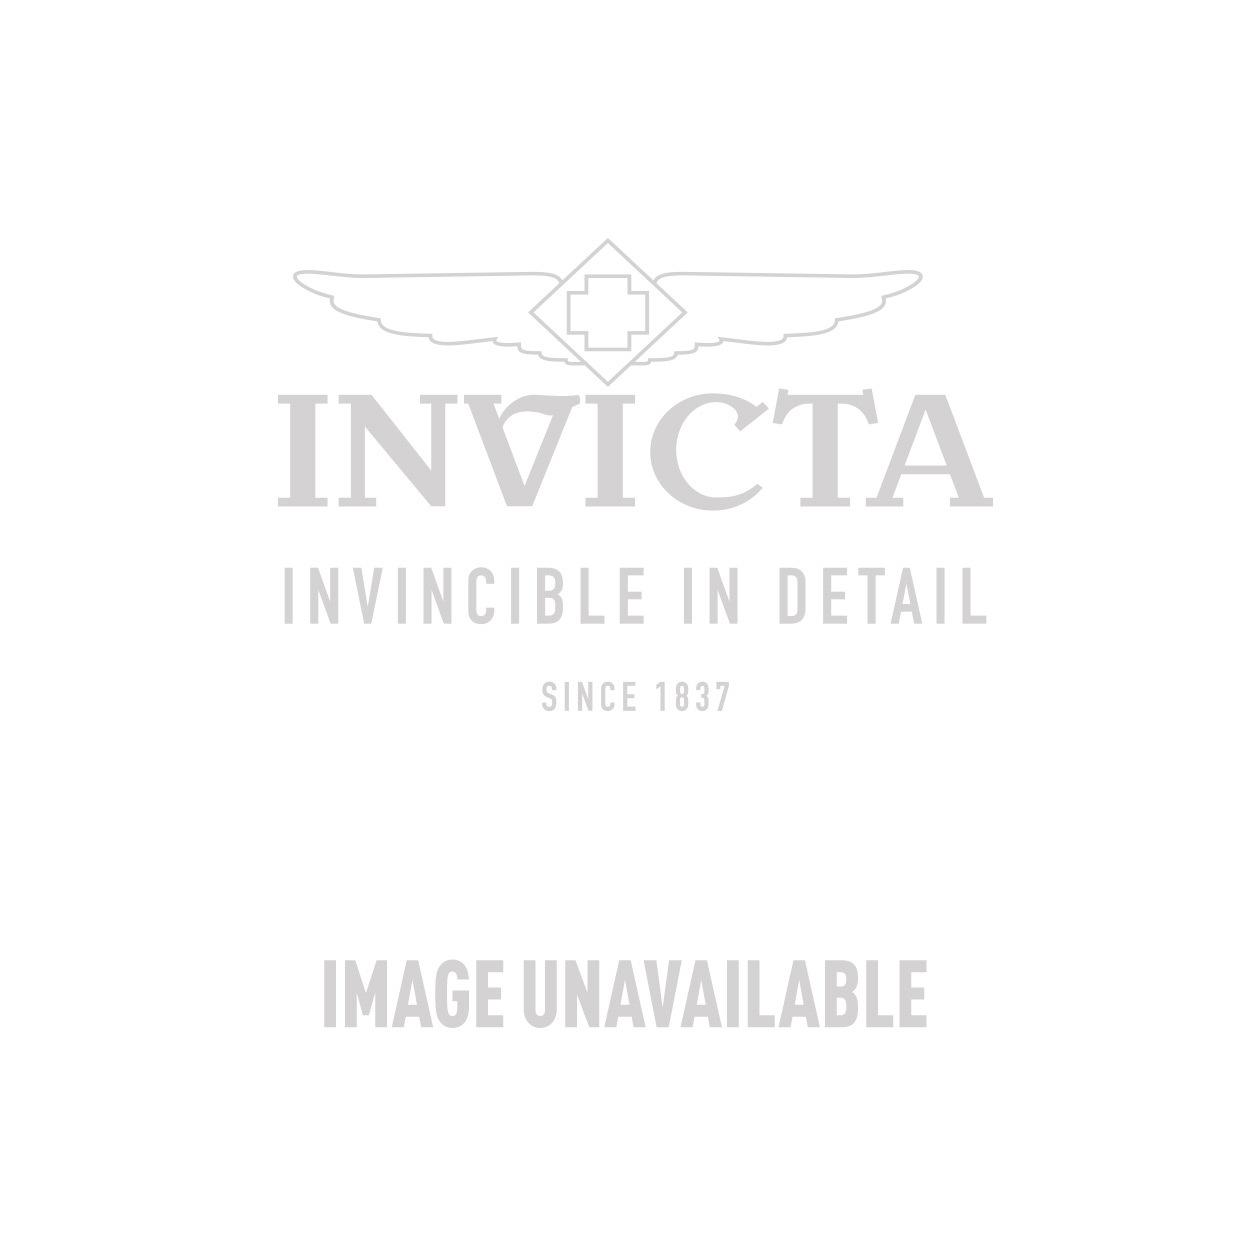 Invicta Model 25492